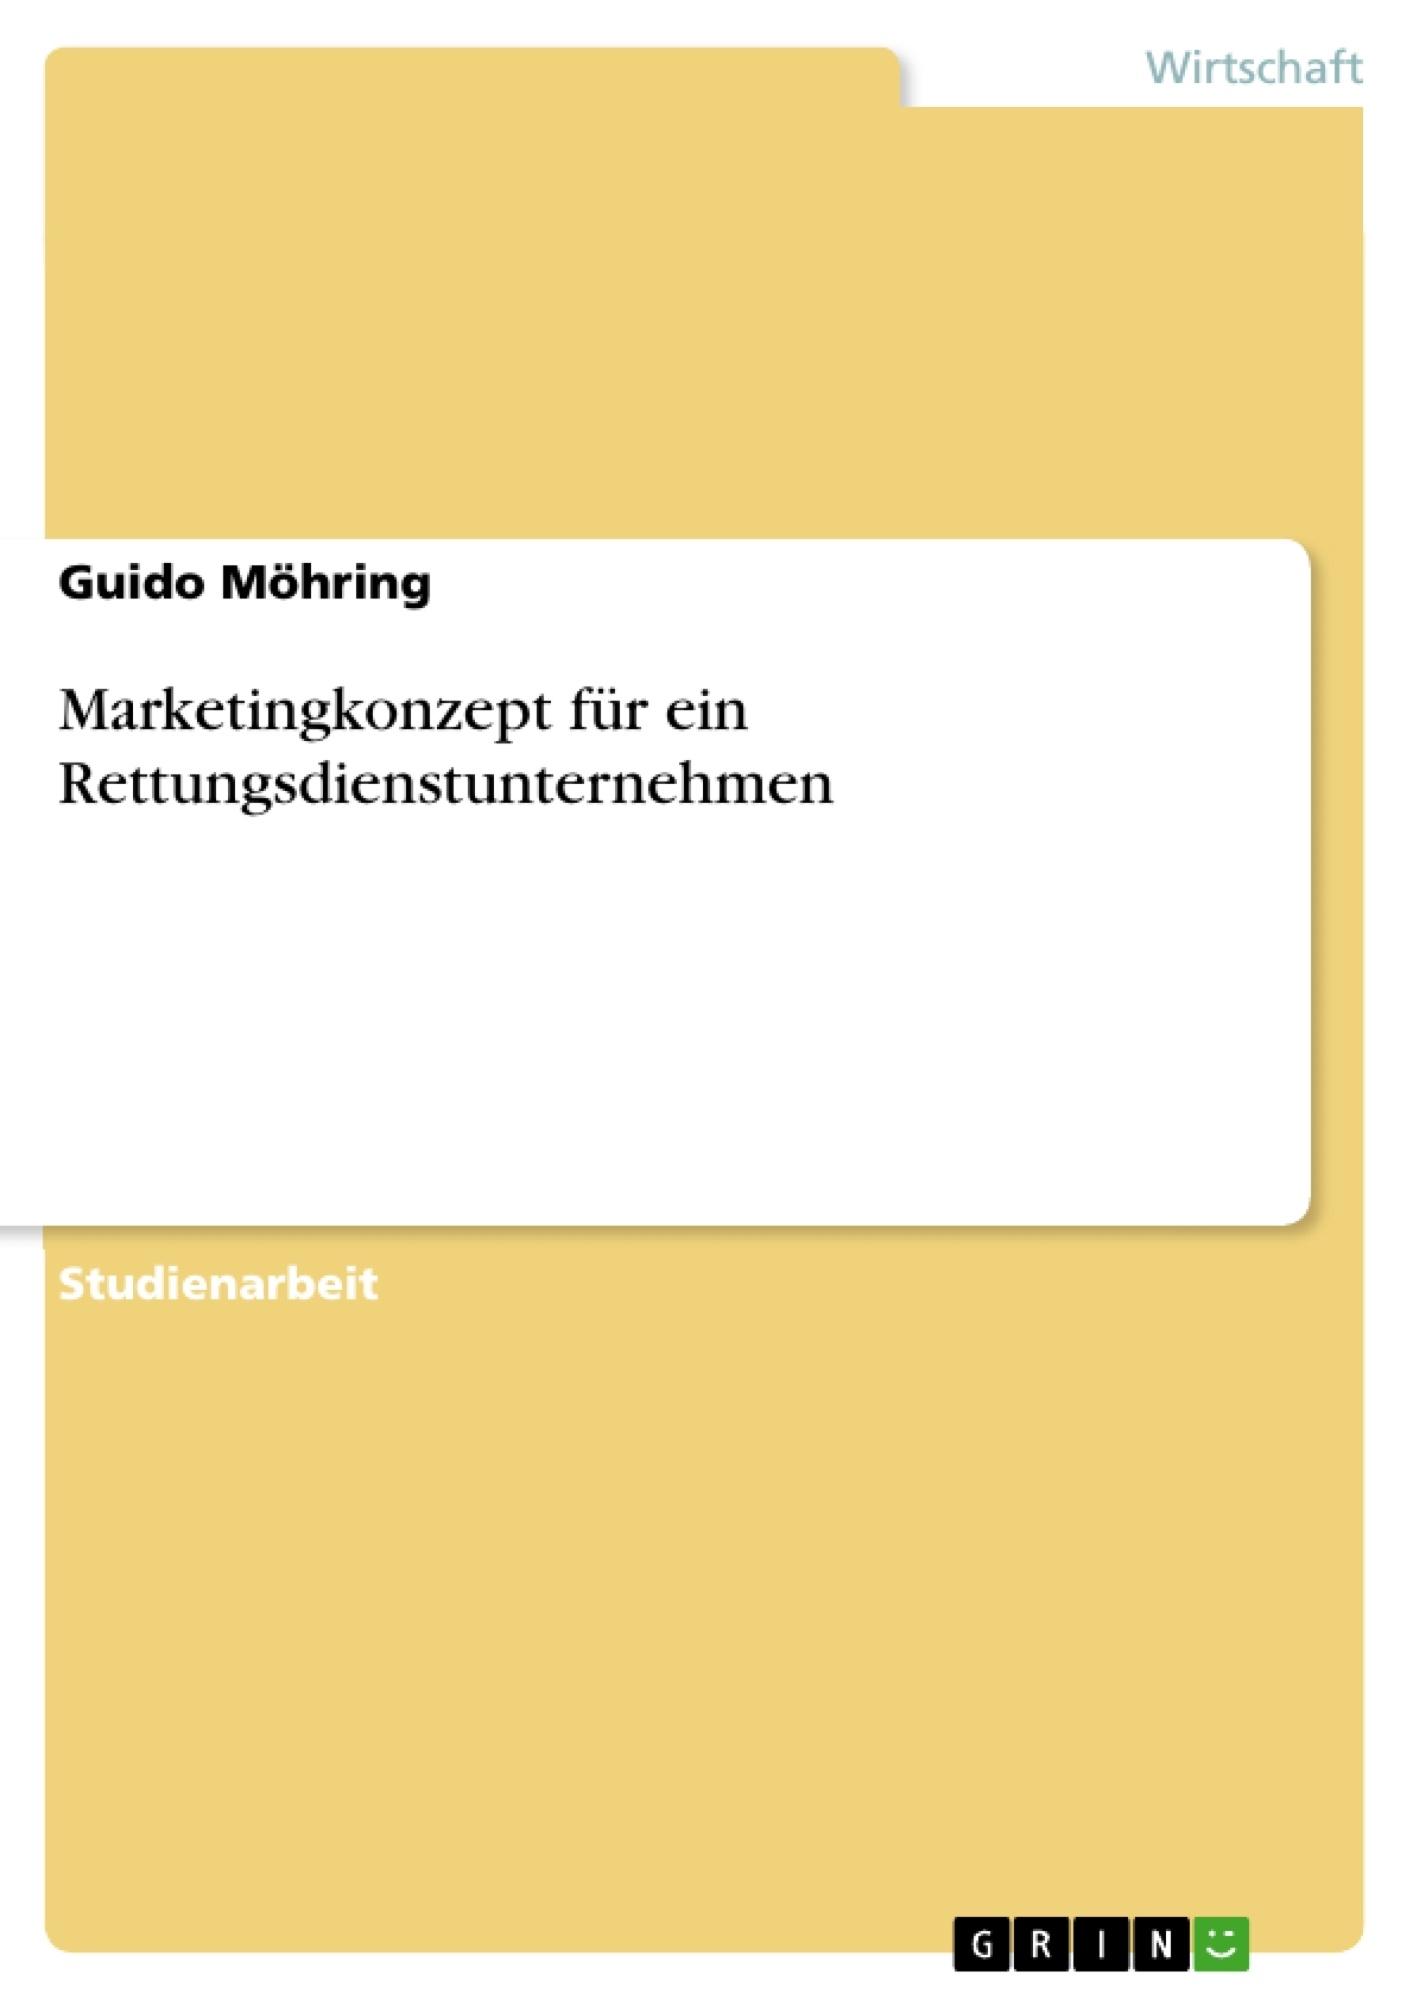 Titel: Marketingkonzept für ein Rettungsdienstunternehmen